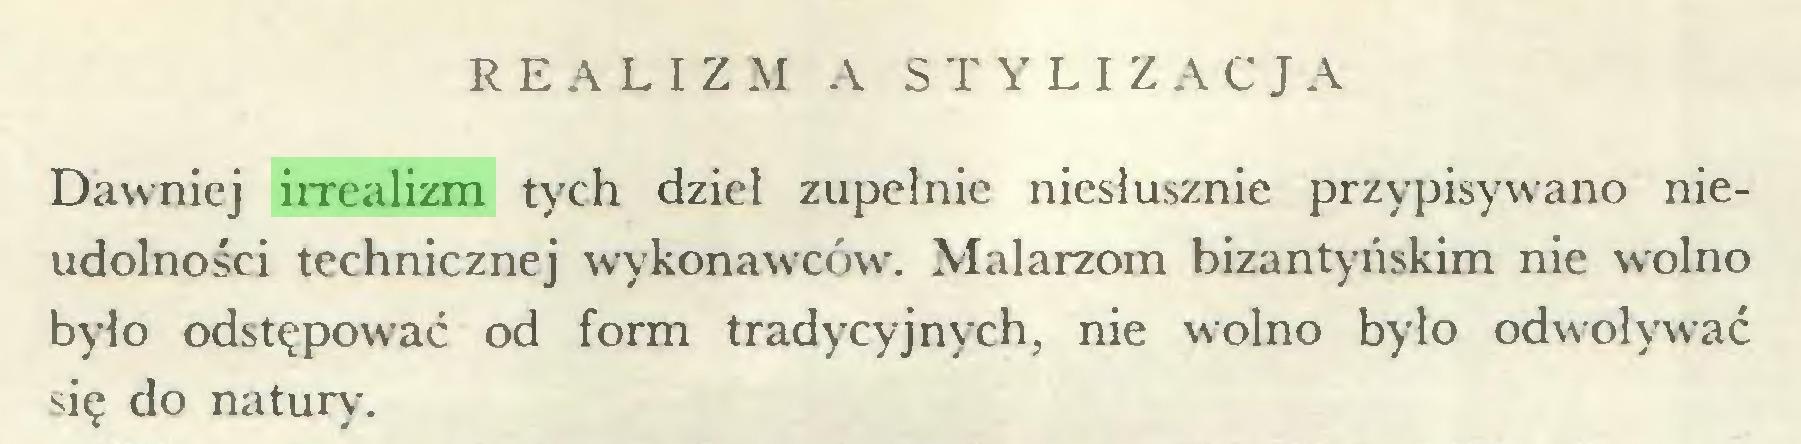 (...) REALIZM A STYLIZACJA Dawniej irrealizm tych dzieł zupełnie niesłusznie przypisywano nieudolności technicznej wykonawców. Malarzom bizantyńskim nie wolno było odstępować od form tradycyjnych, nie wolno było odwoływać się do natur)-...